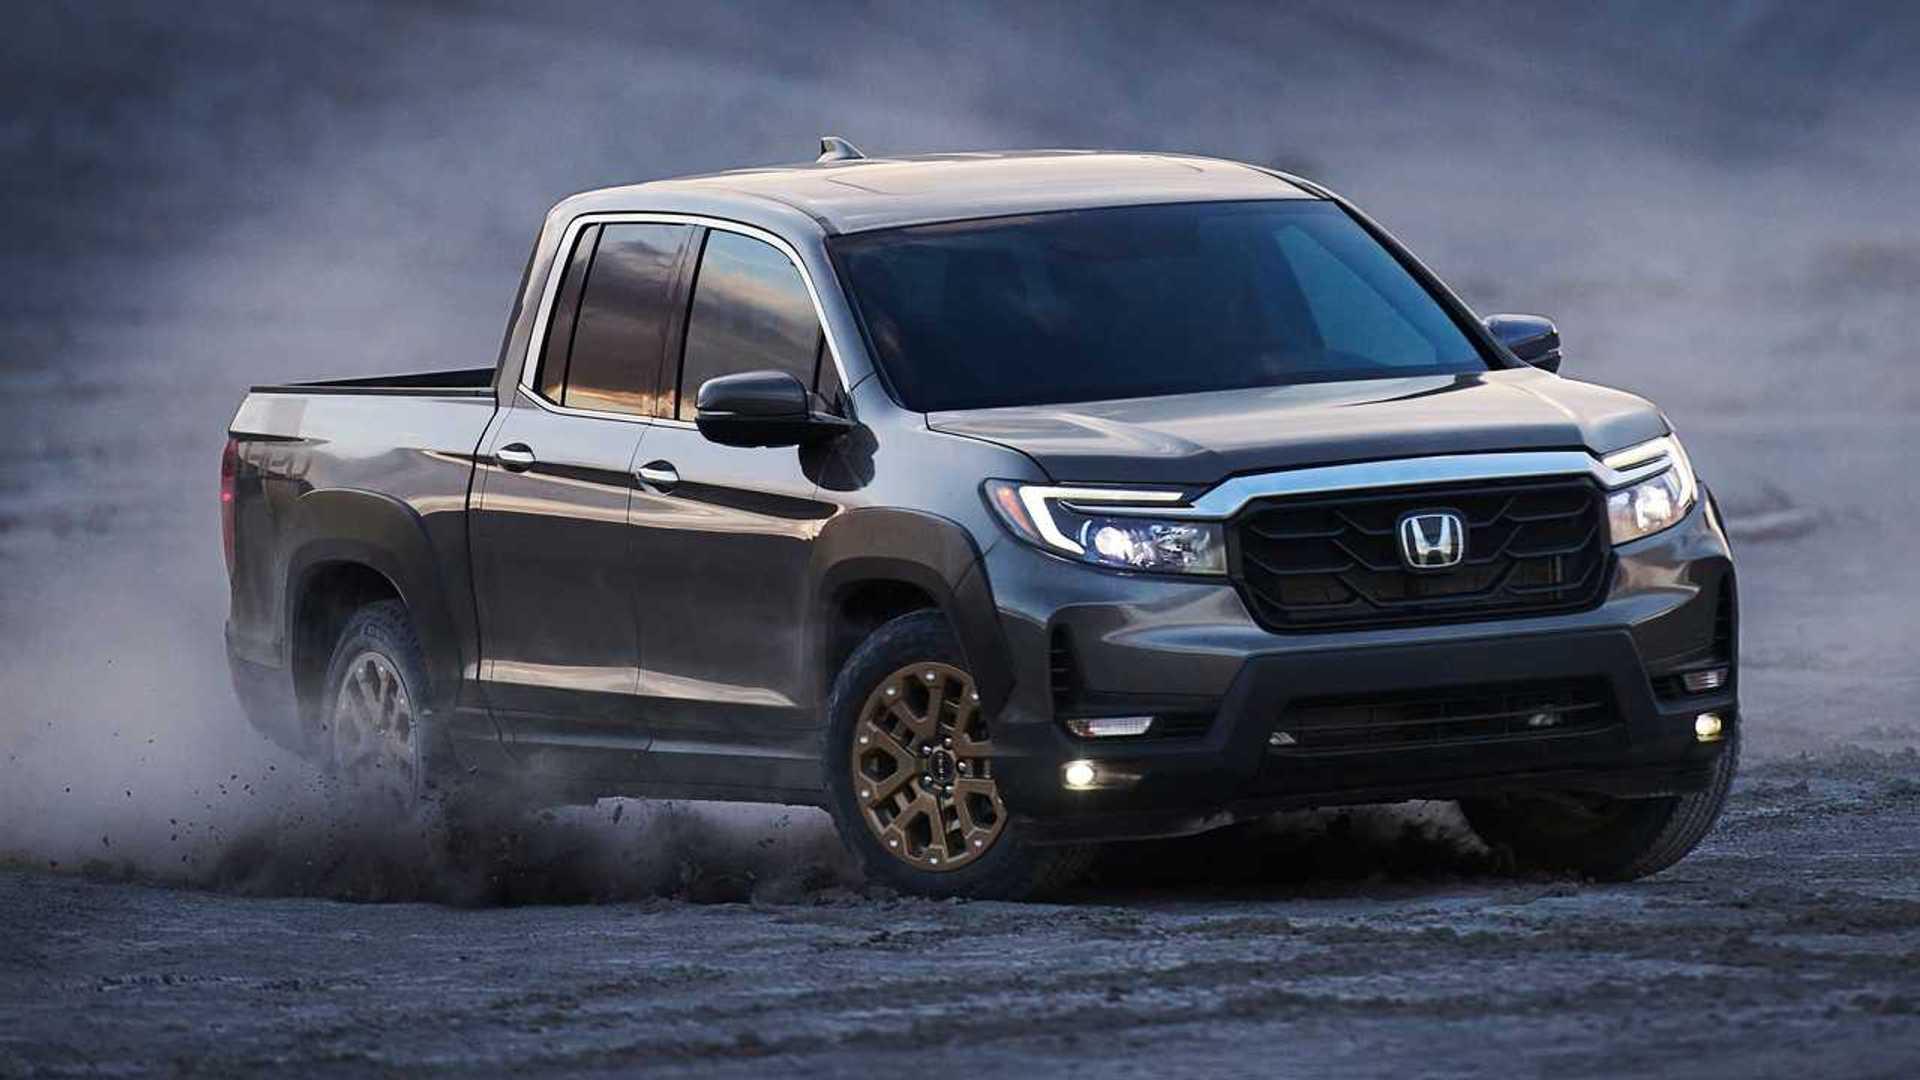 Обновленная Honda Ridgeline 2021 года по цене от 36 490 долларов